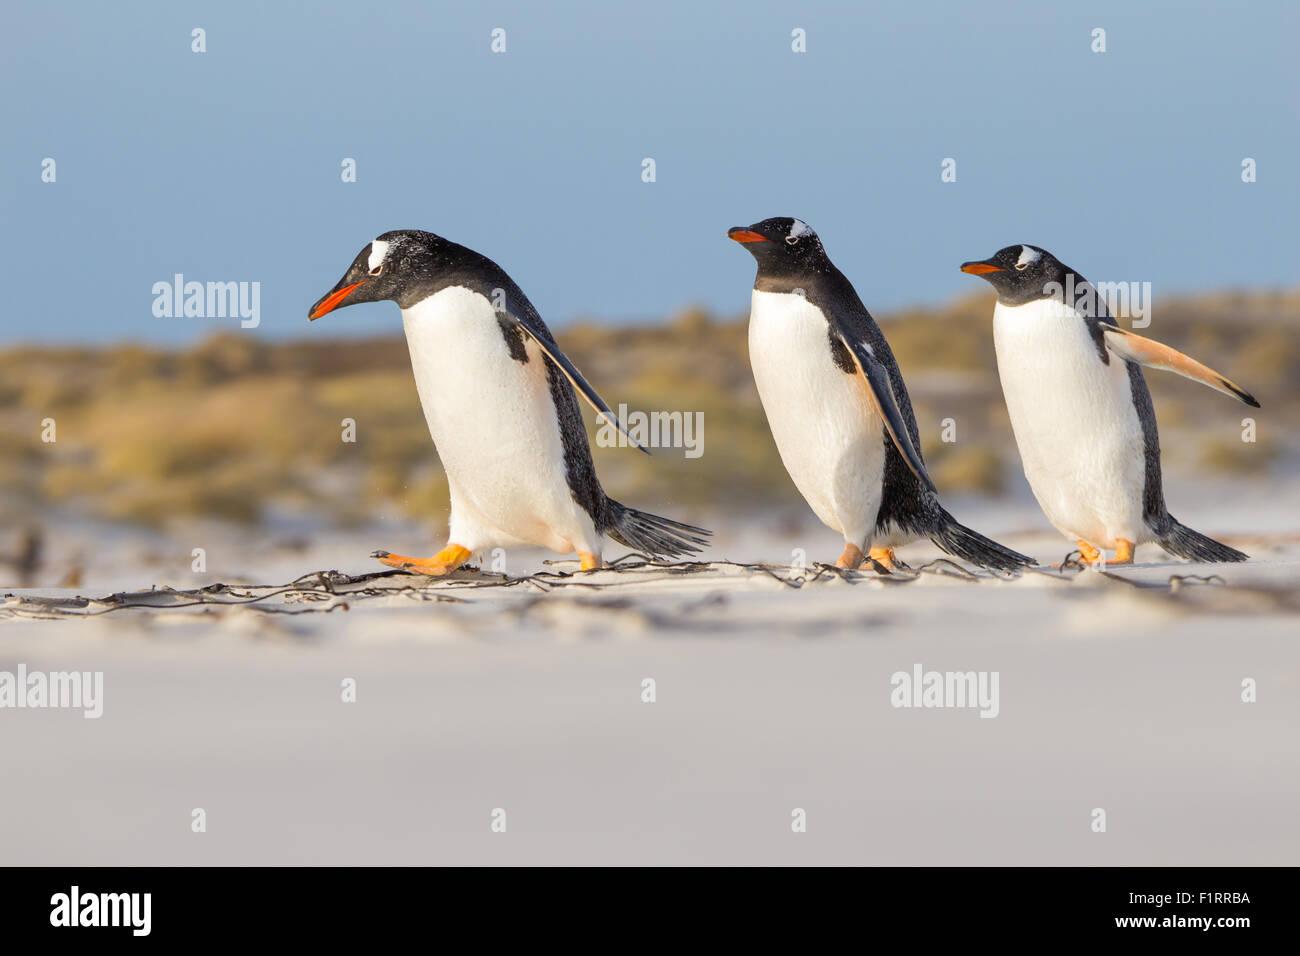 Trio di pinguini Gentoo facendo una passeggiata sulla spiaggia. Isole Falkland. Immagini Stock